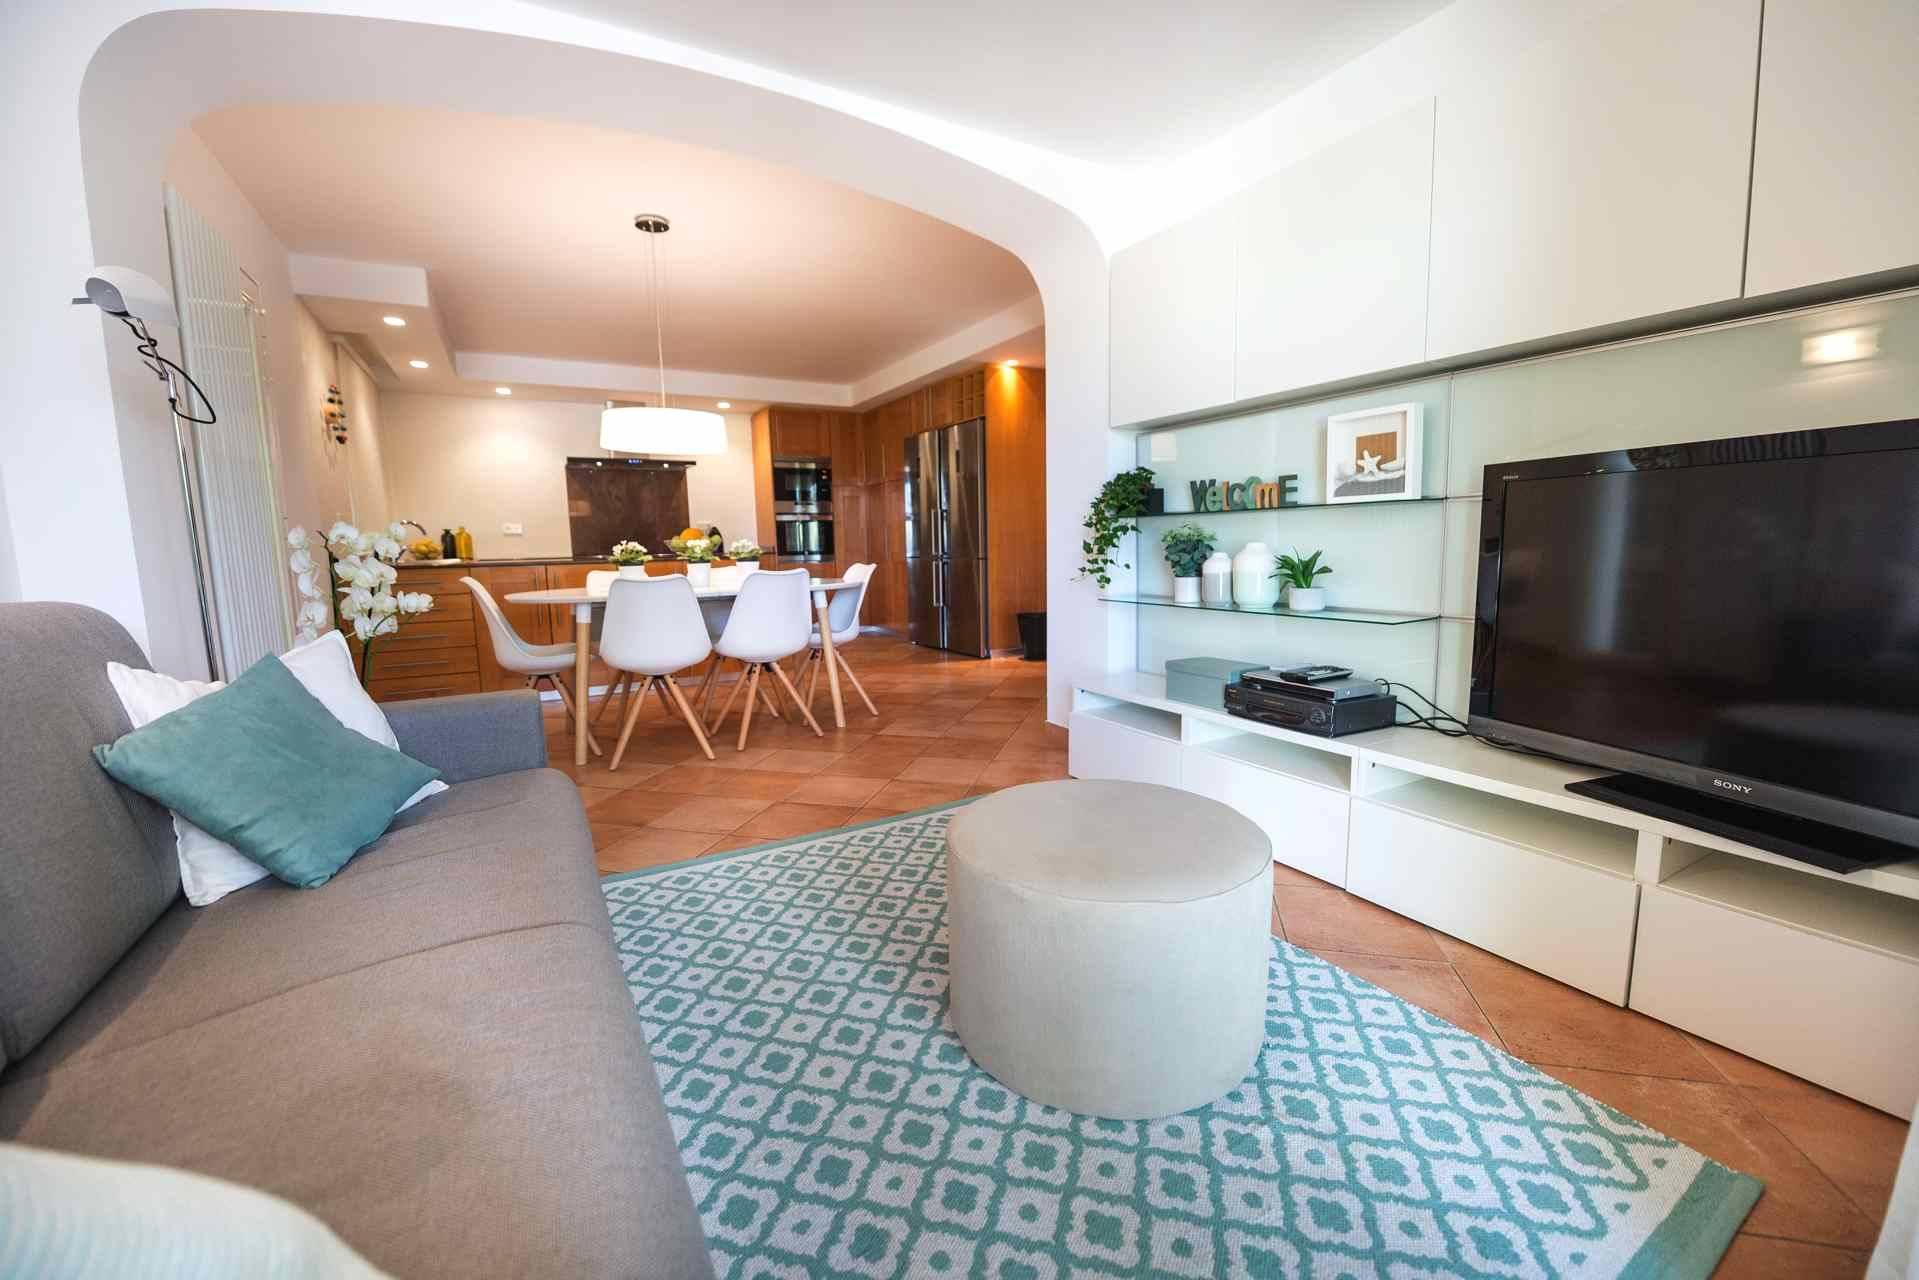 01-311 Golfplatz Villa Südwesten Mallorca Bild 11